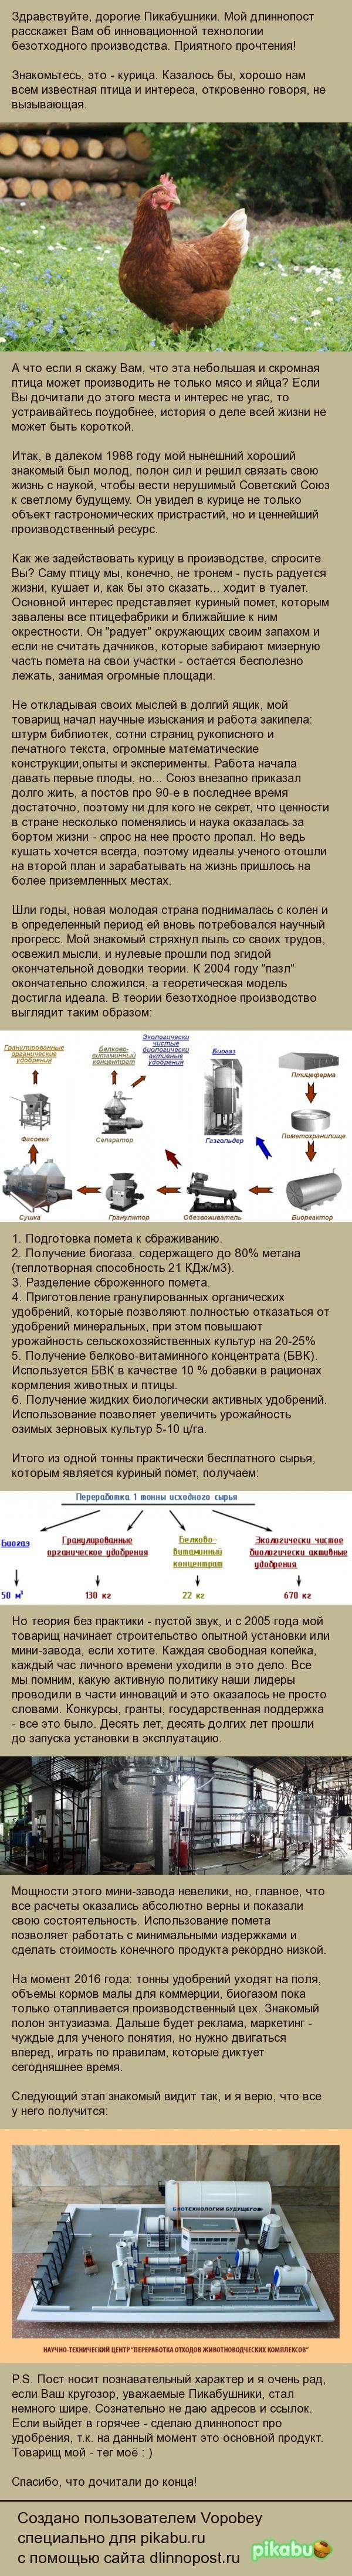 Дело всей жизни или биотехнологии будущего наука, технологии, Россия, длиннопост, биогаз, газ, курица, Навоз